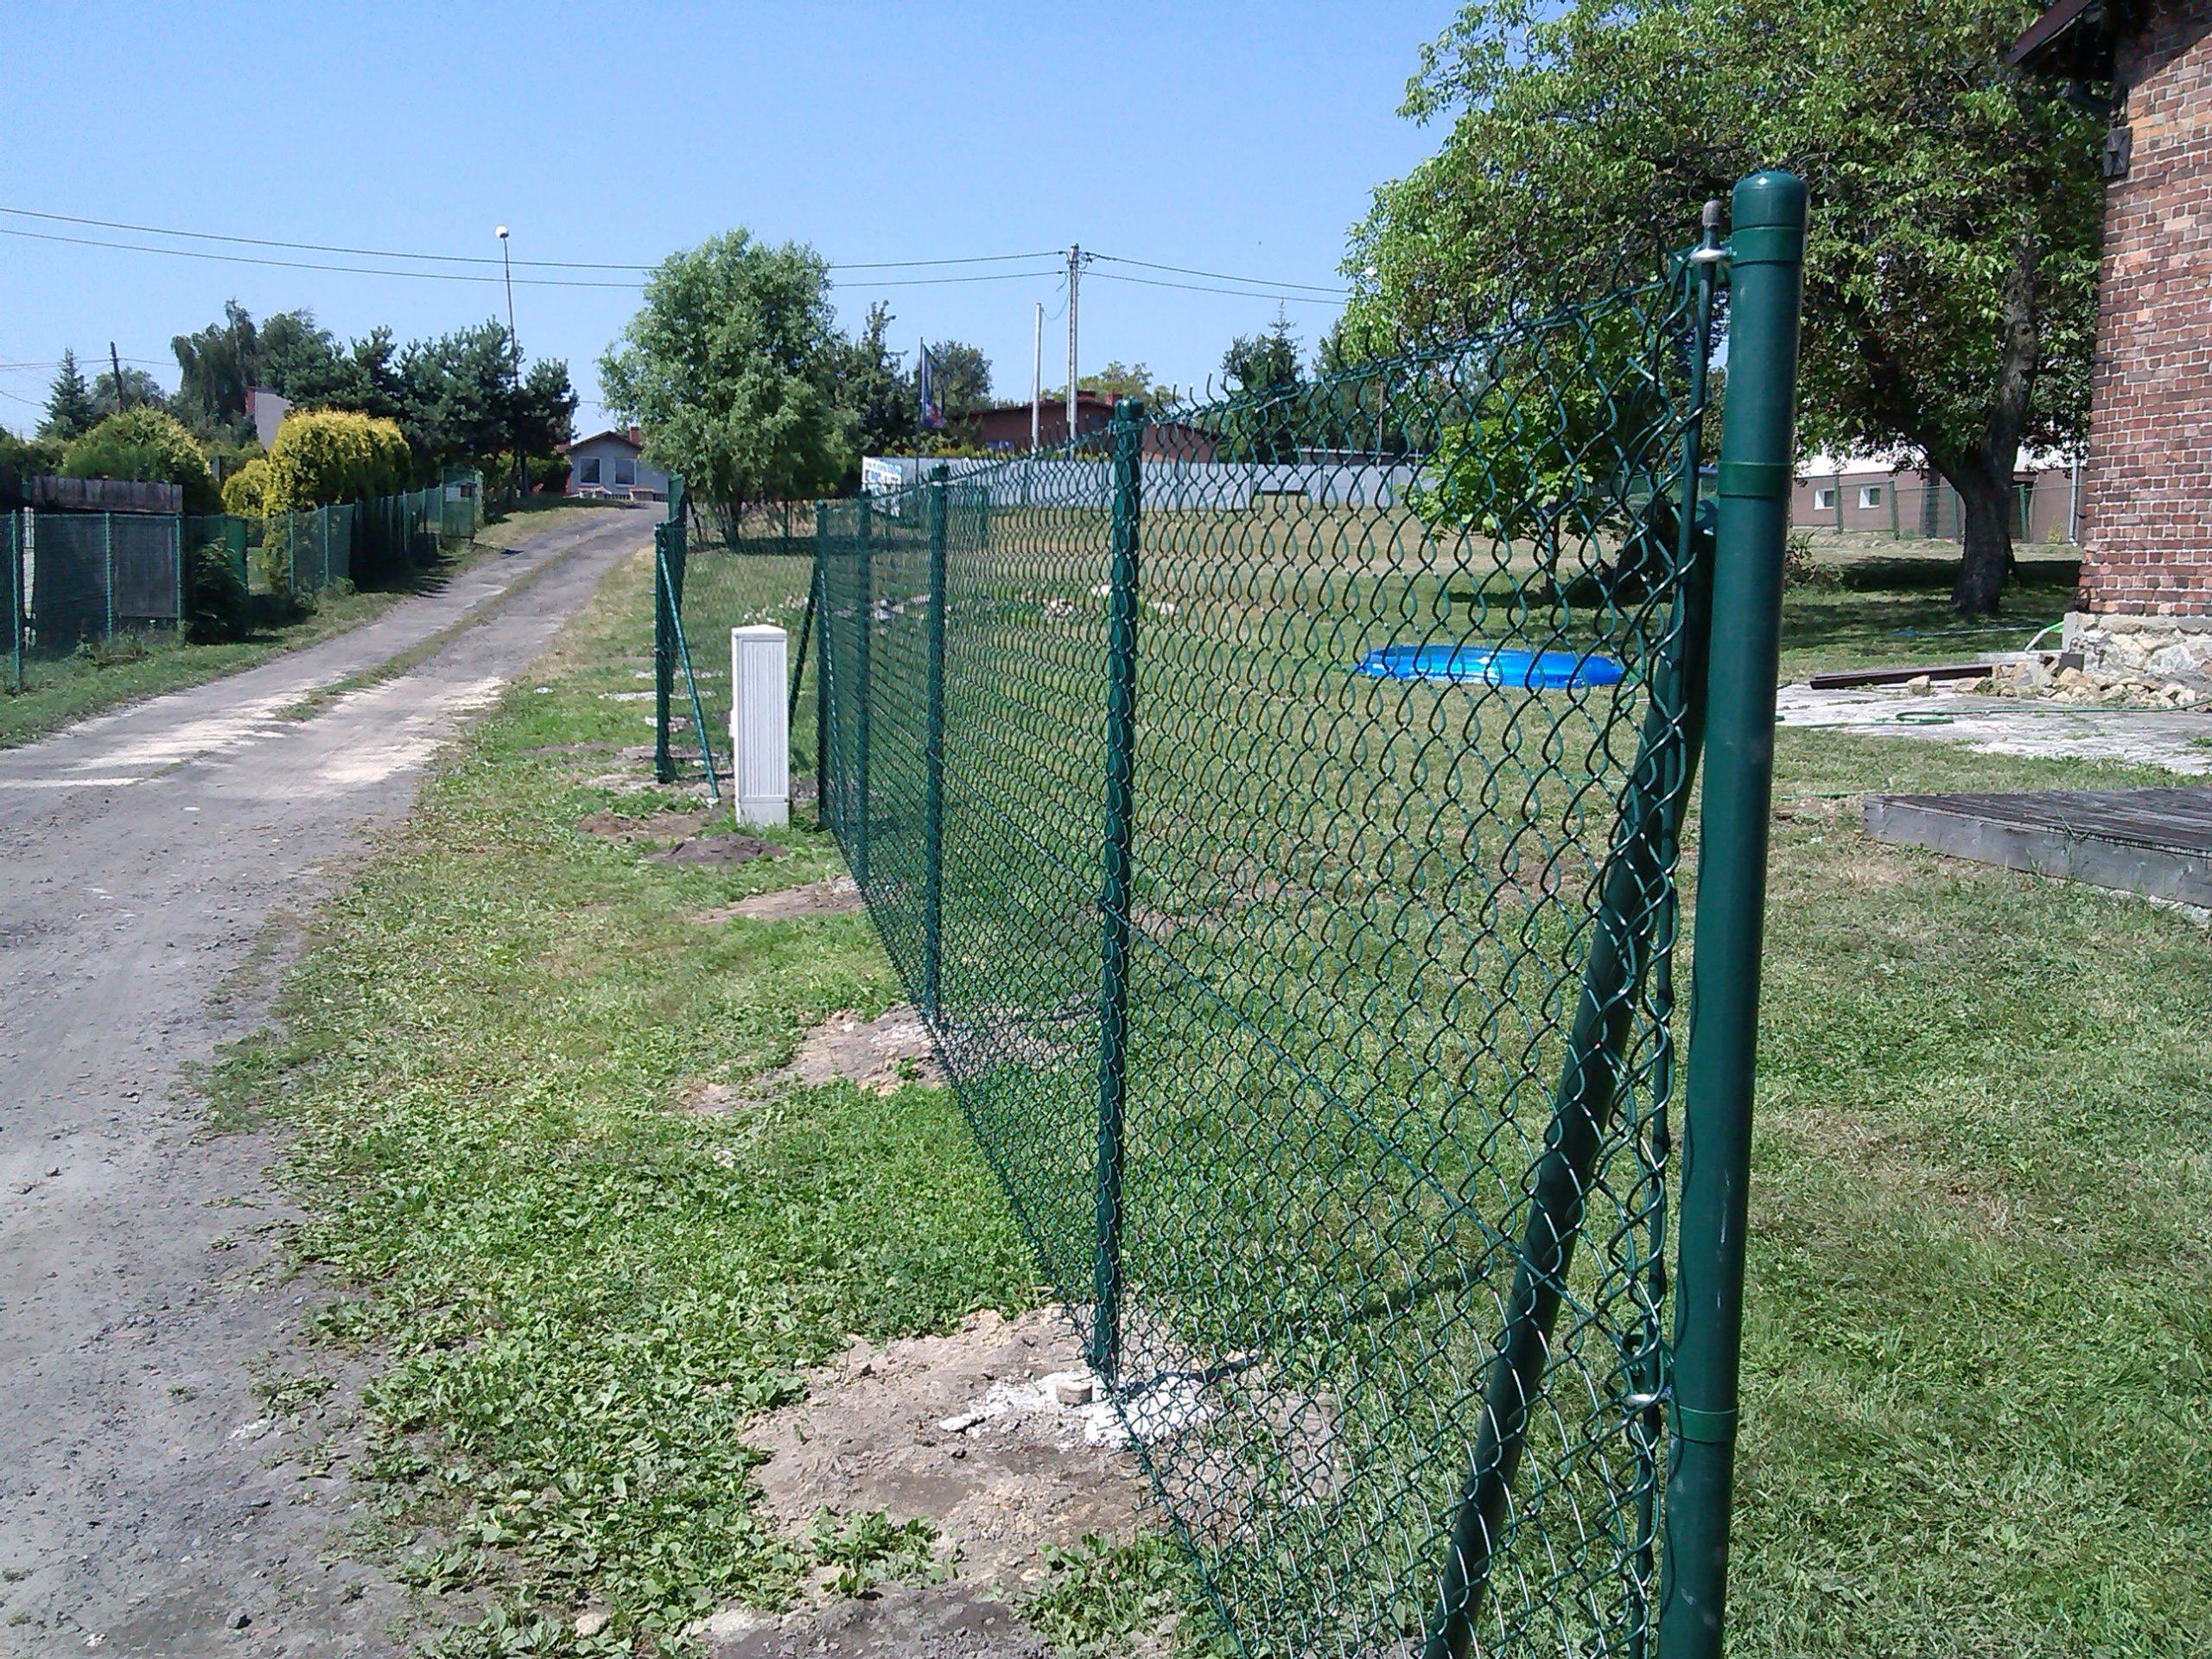 Siatka ogrodzeniowa, ogrodzenia_rybnik, montaż_ogrodzeń, 4gate (5)